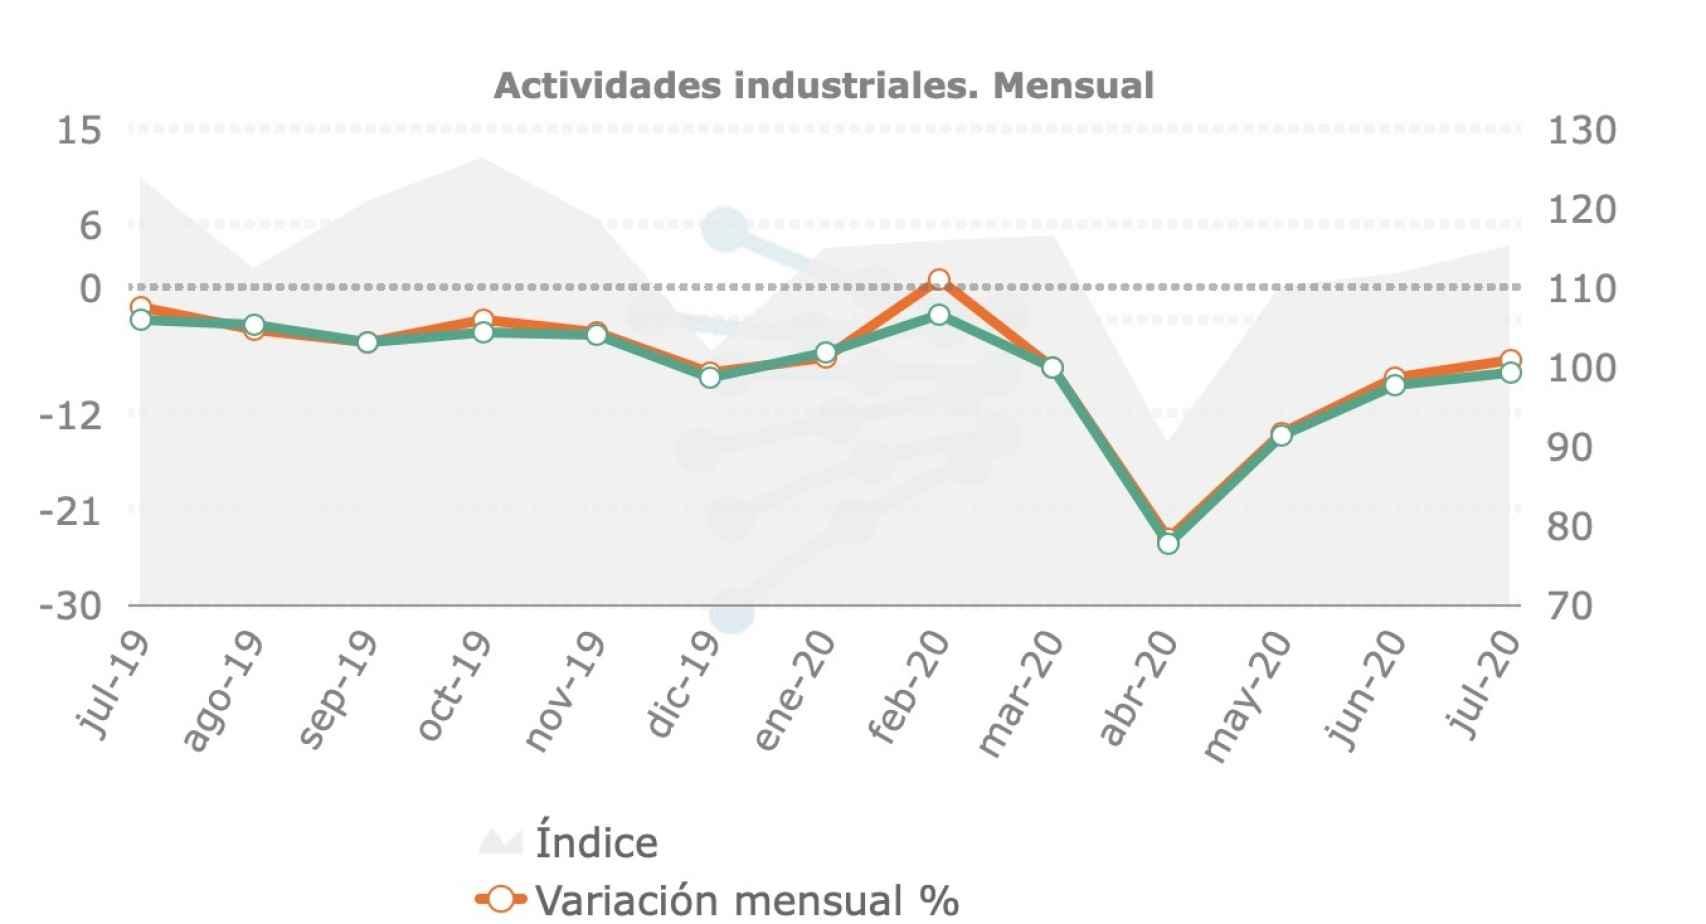 Consumo eléctrico de la actividad industrial. Indice IRE